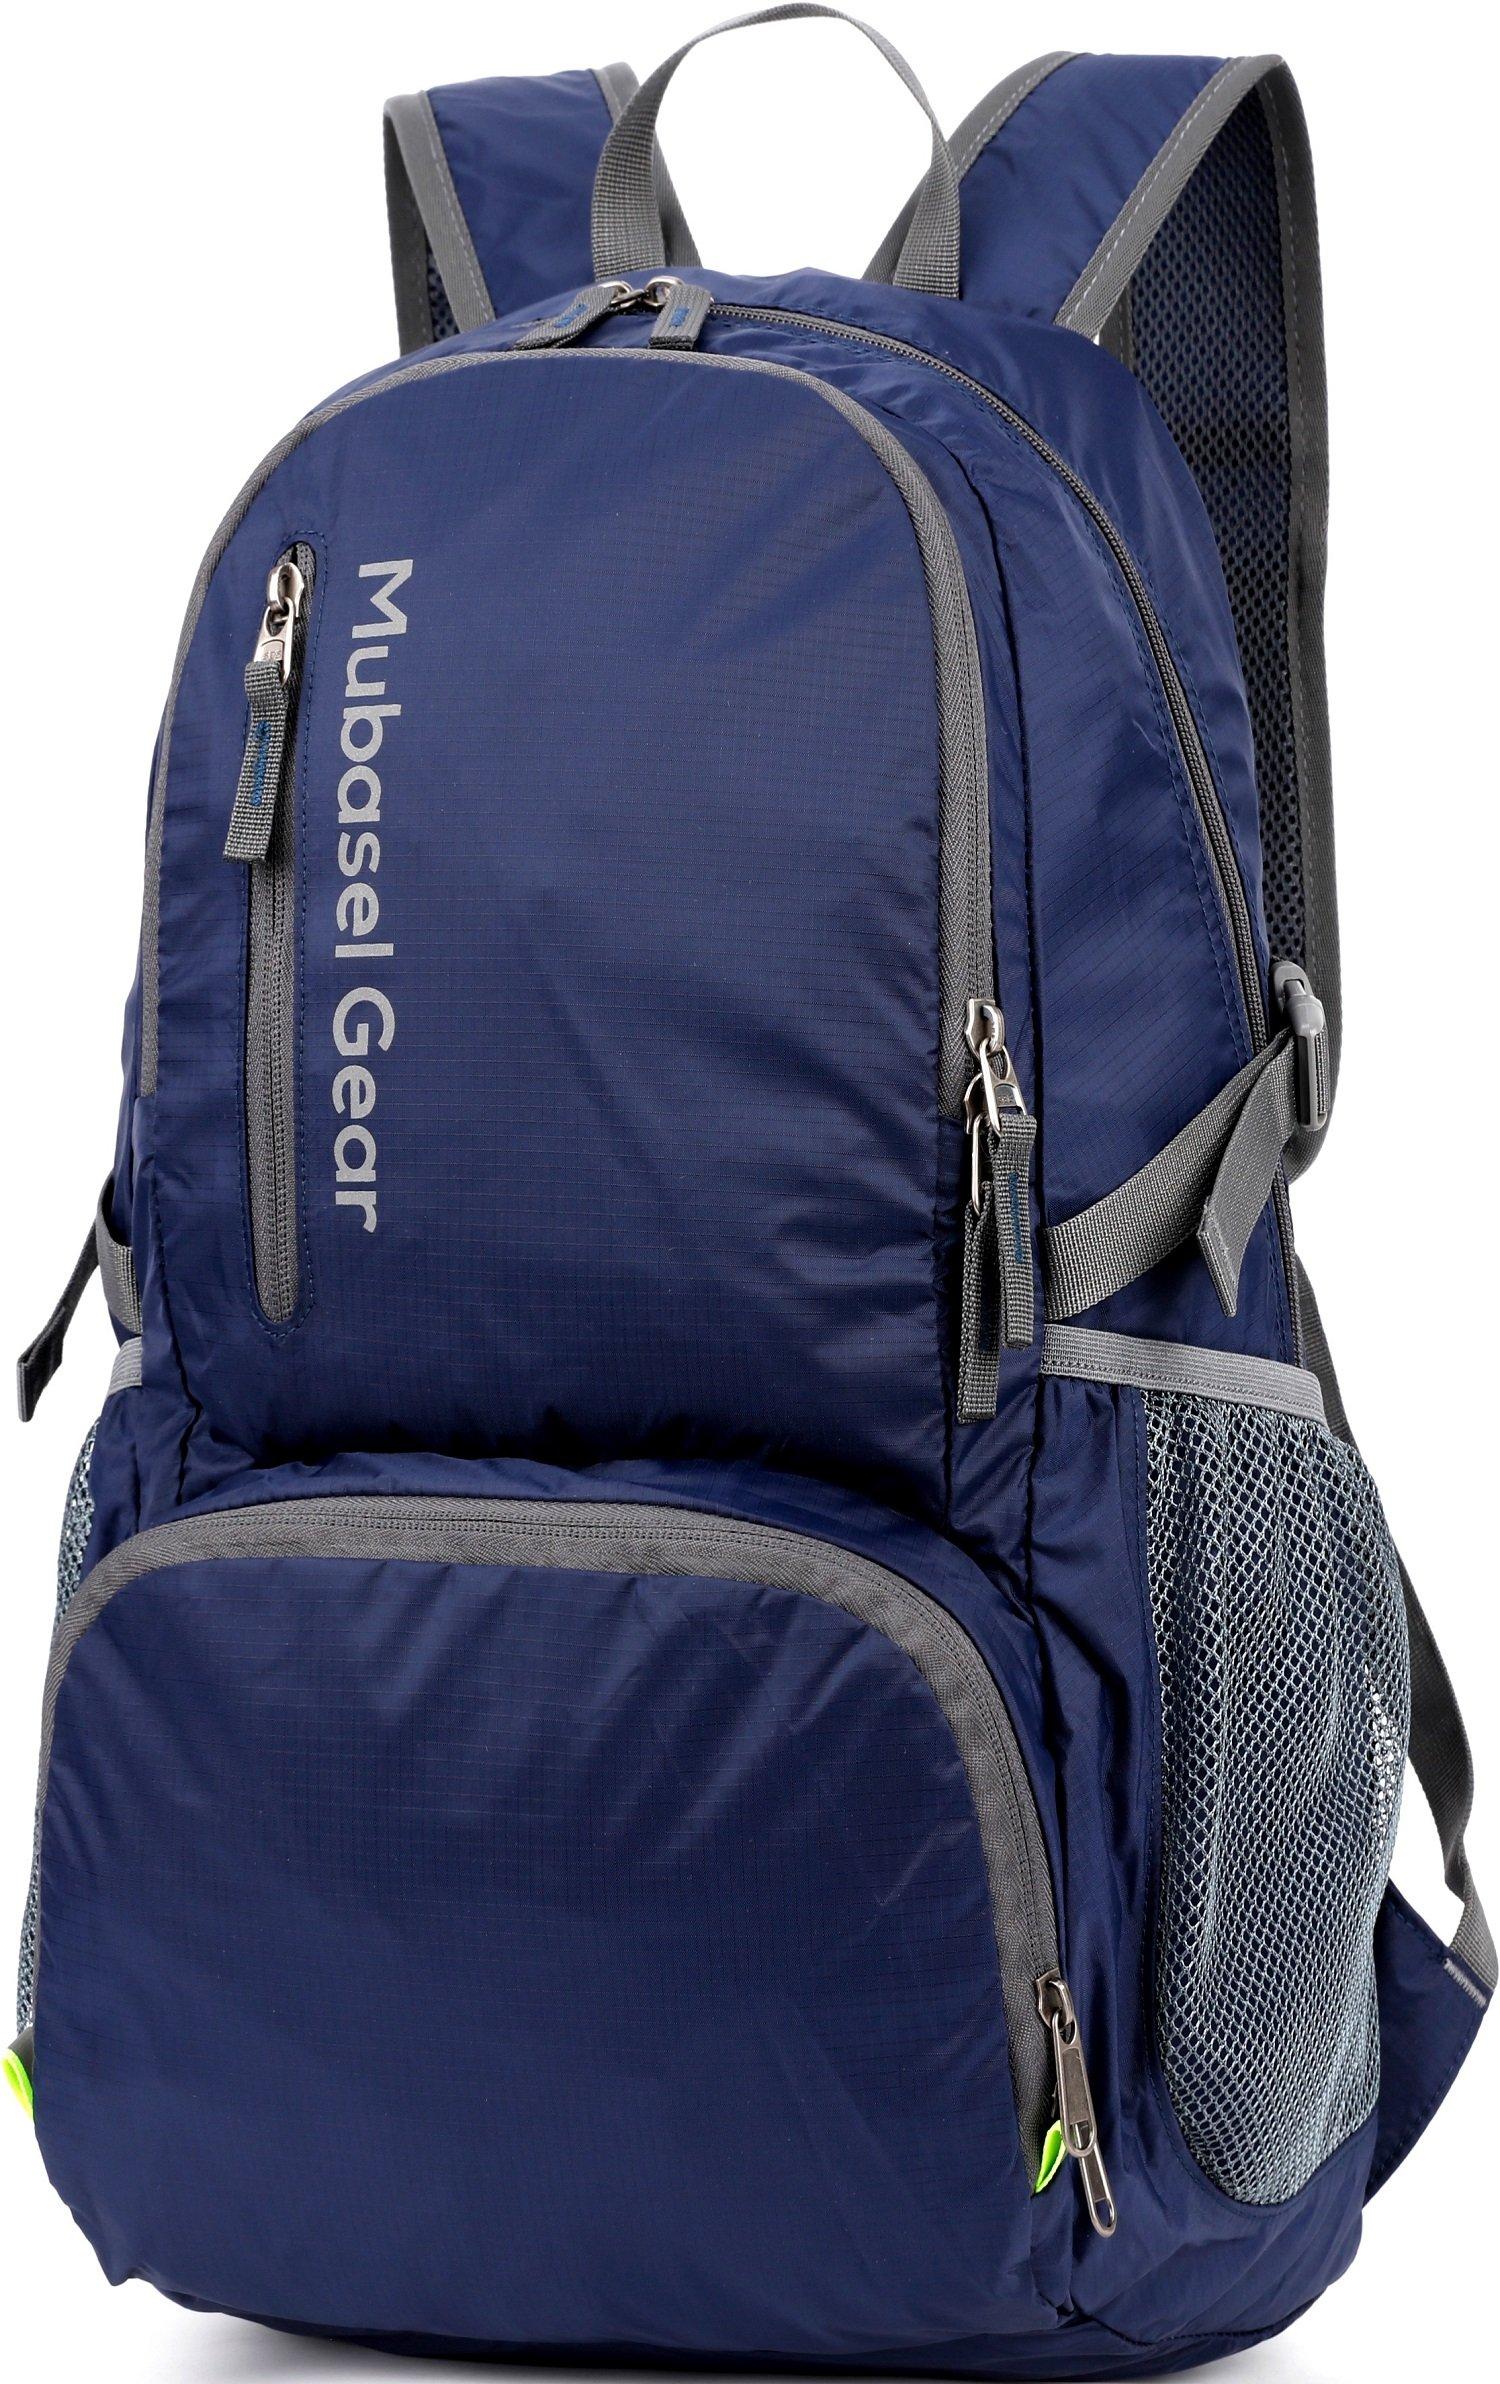 Mubasel Gear Backpack - Lightweight Backpacks for Travel Hiking - Daypack for Women Men (Navy)